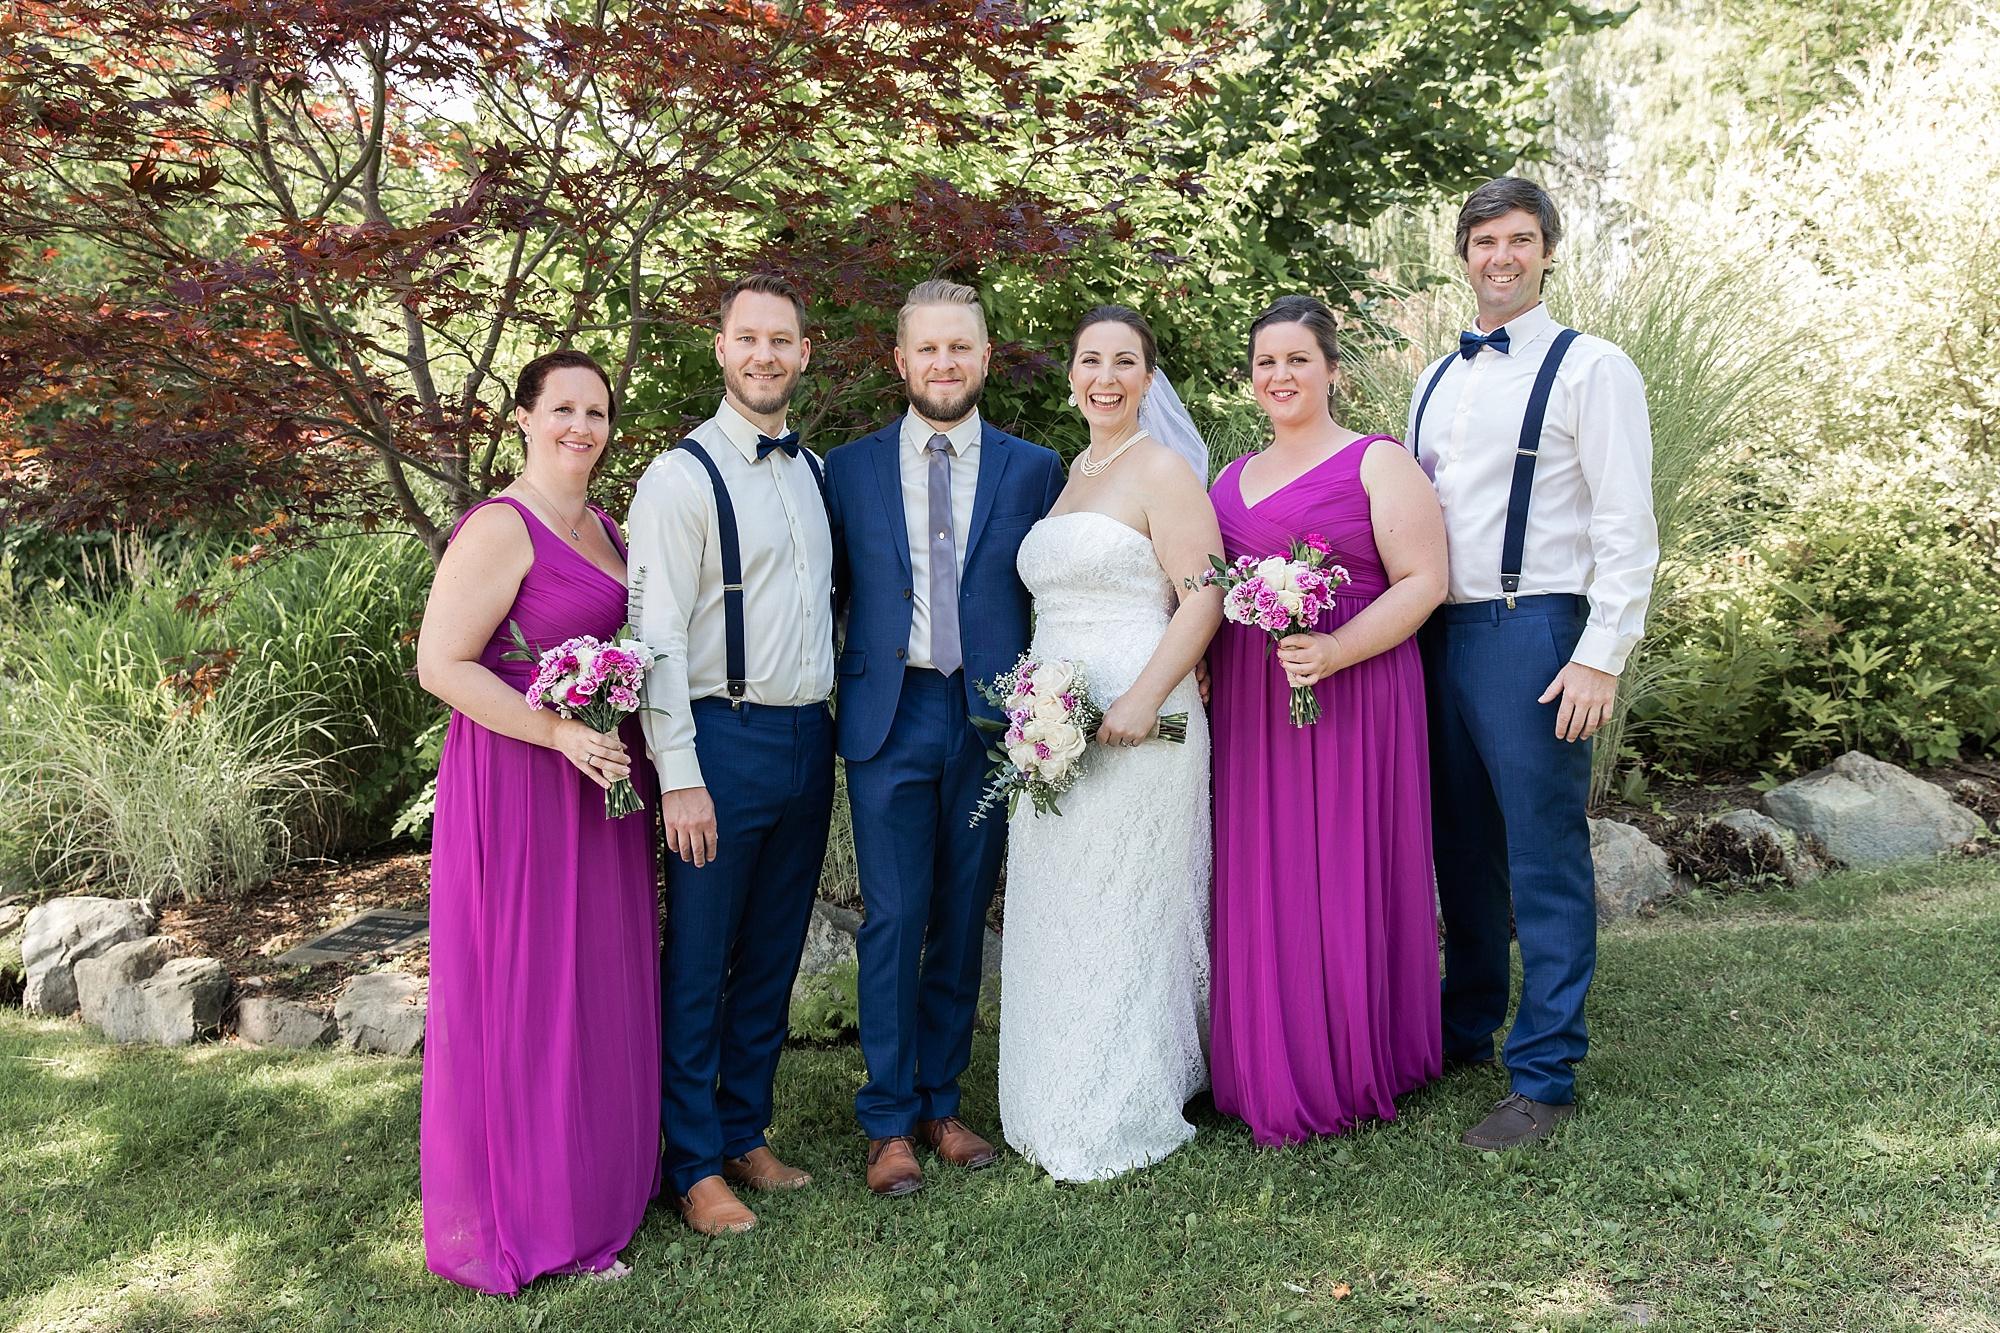 nakusp-wedding-photographer_0022.jpg